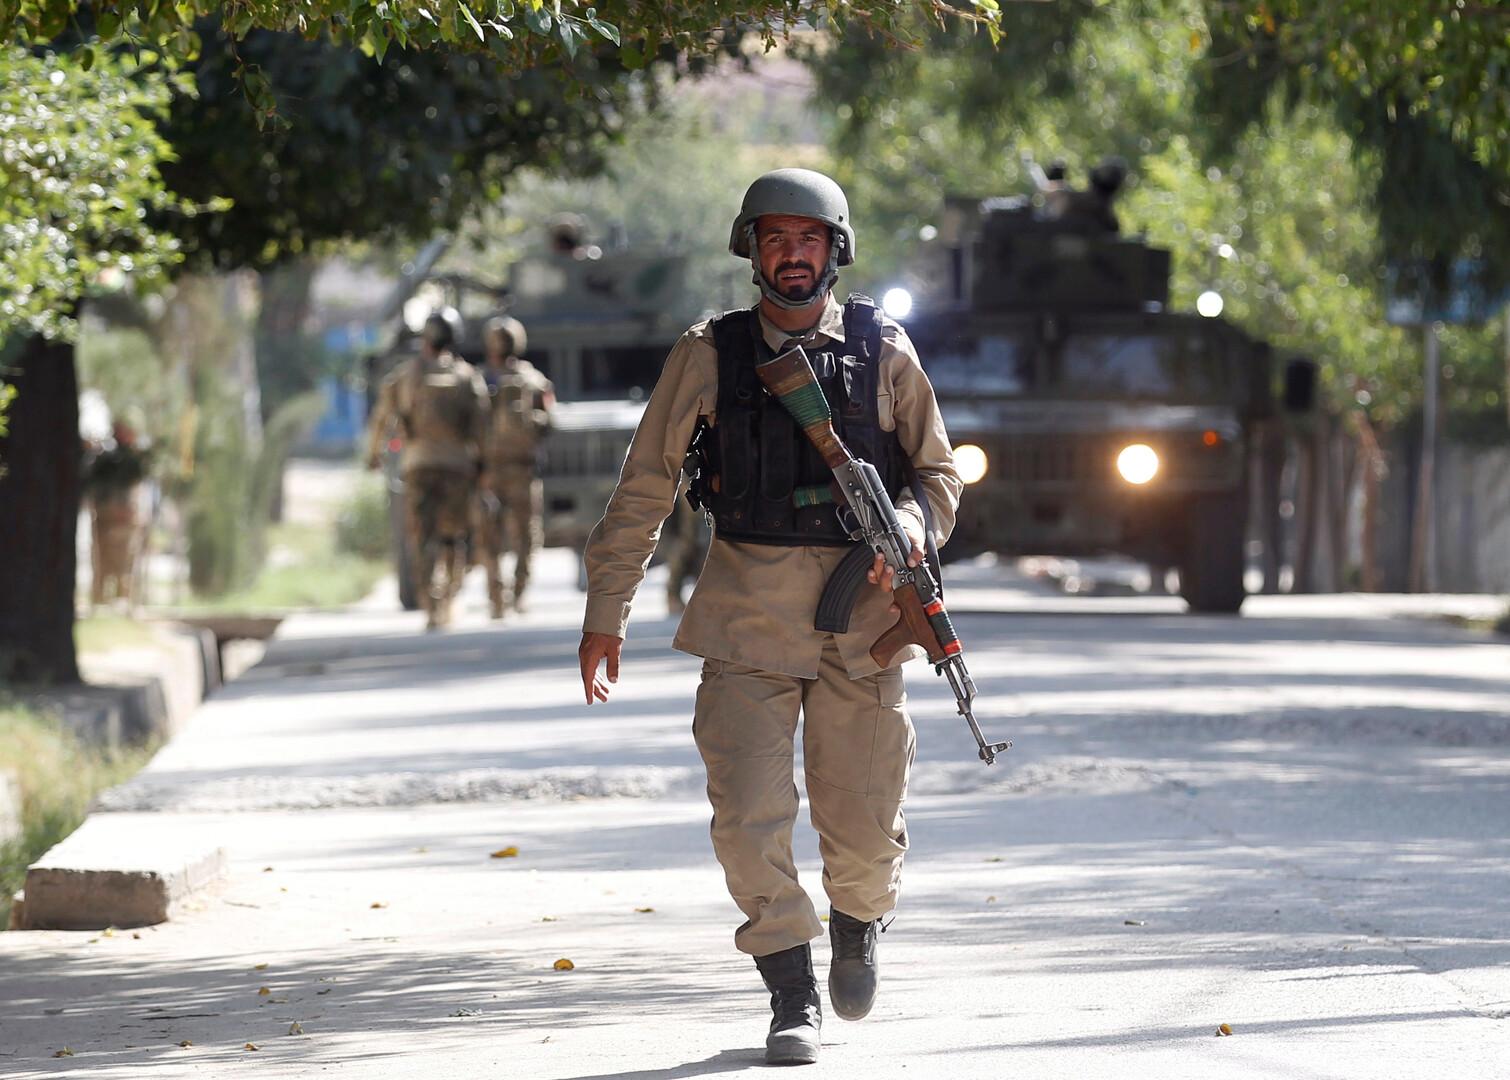 بعد تفجير ننكرهار.. موسكو تدعو سلطات أفغانستان إلى تعزيز تدابير مكافحة الإرهاب